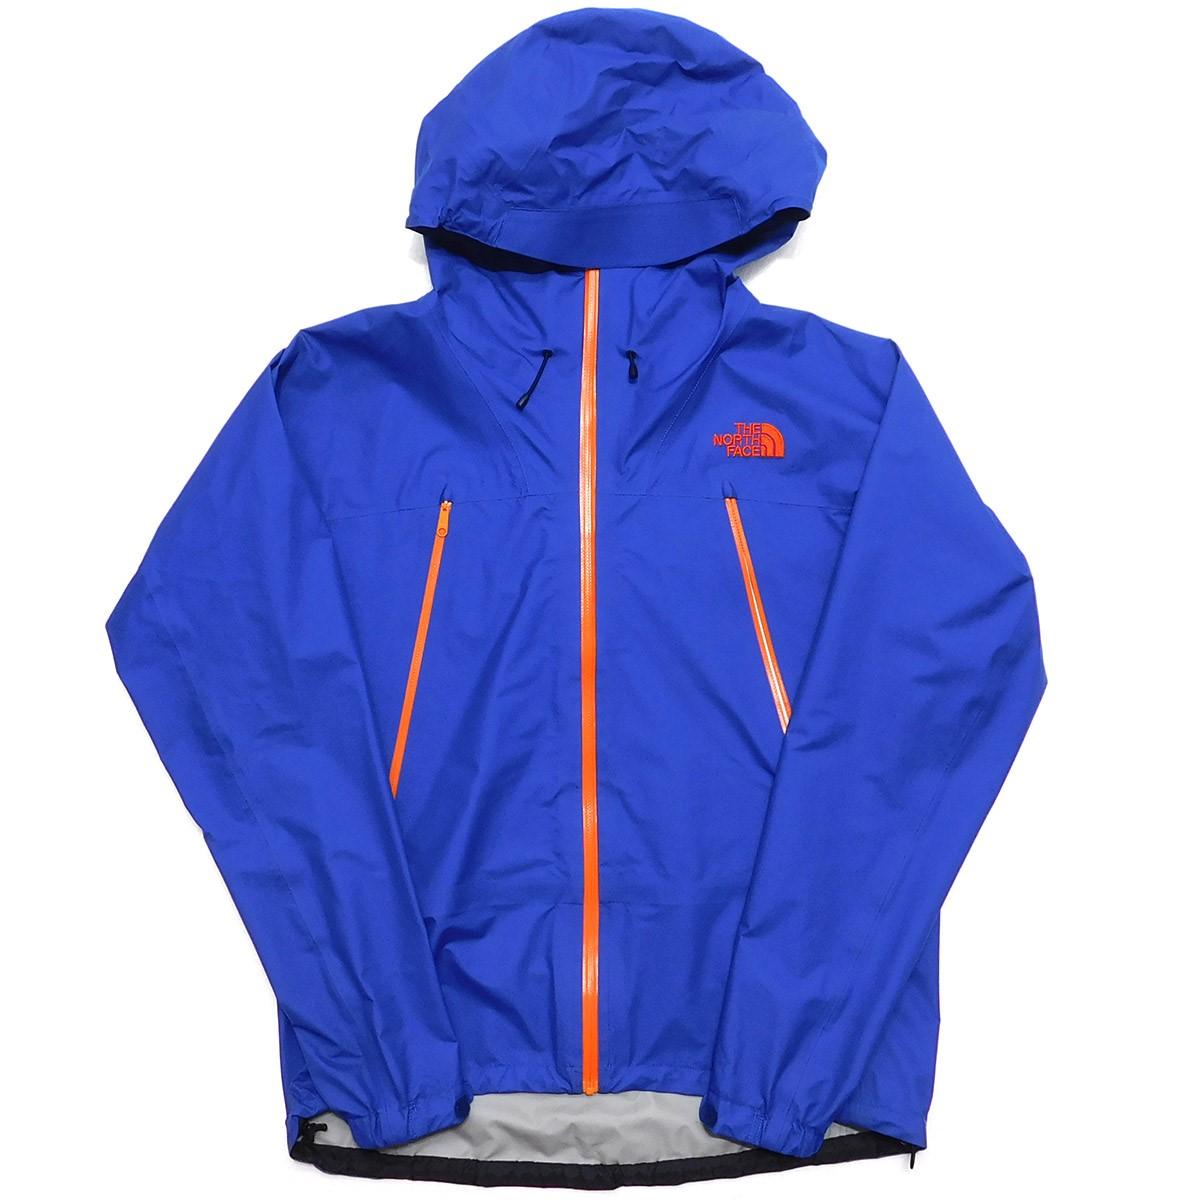 【中古】THE NORTH FACE Climb Very Light Jacket GORE-TEX クライムベリーライトジャケット ブルー サイズ:M 【250220】(ザノースフェイス)